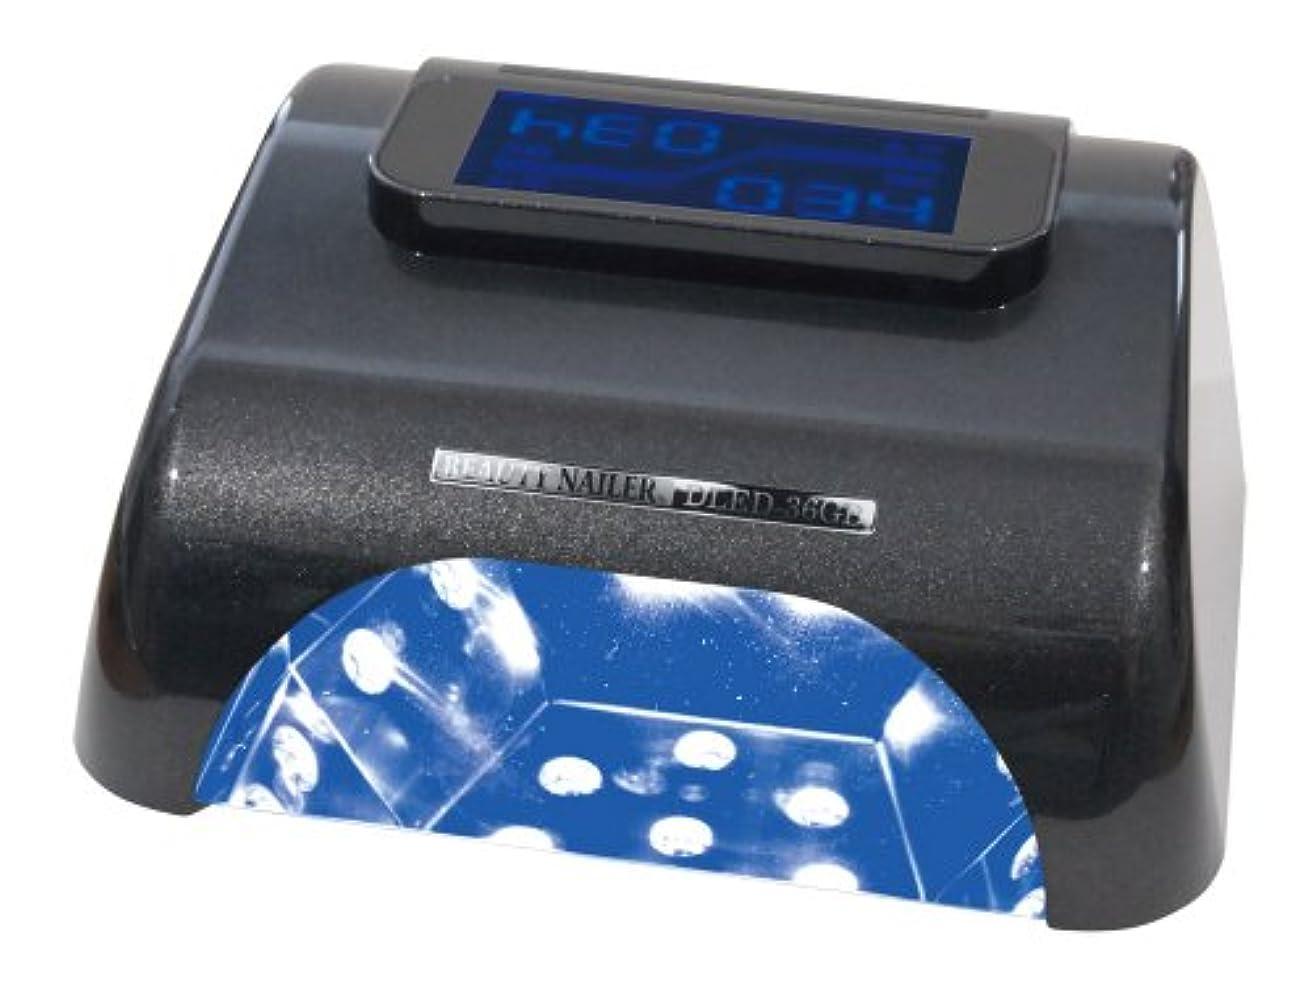 または多年生脚本家ビューティーネイラー デジタルLEDライト DLED-36GB パールブラック